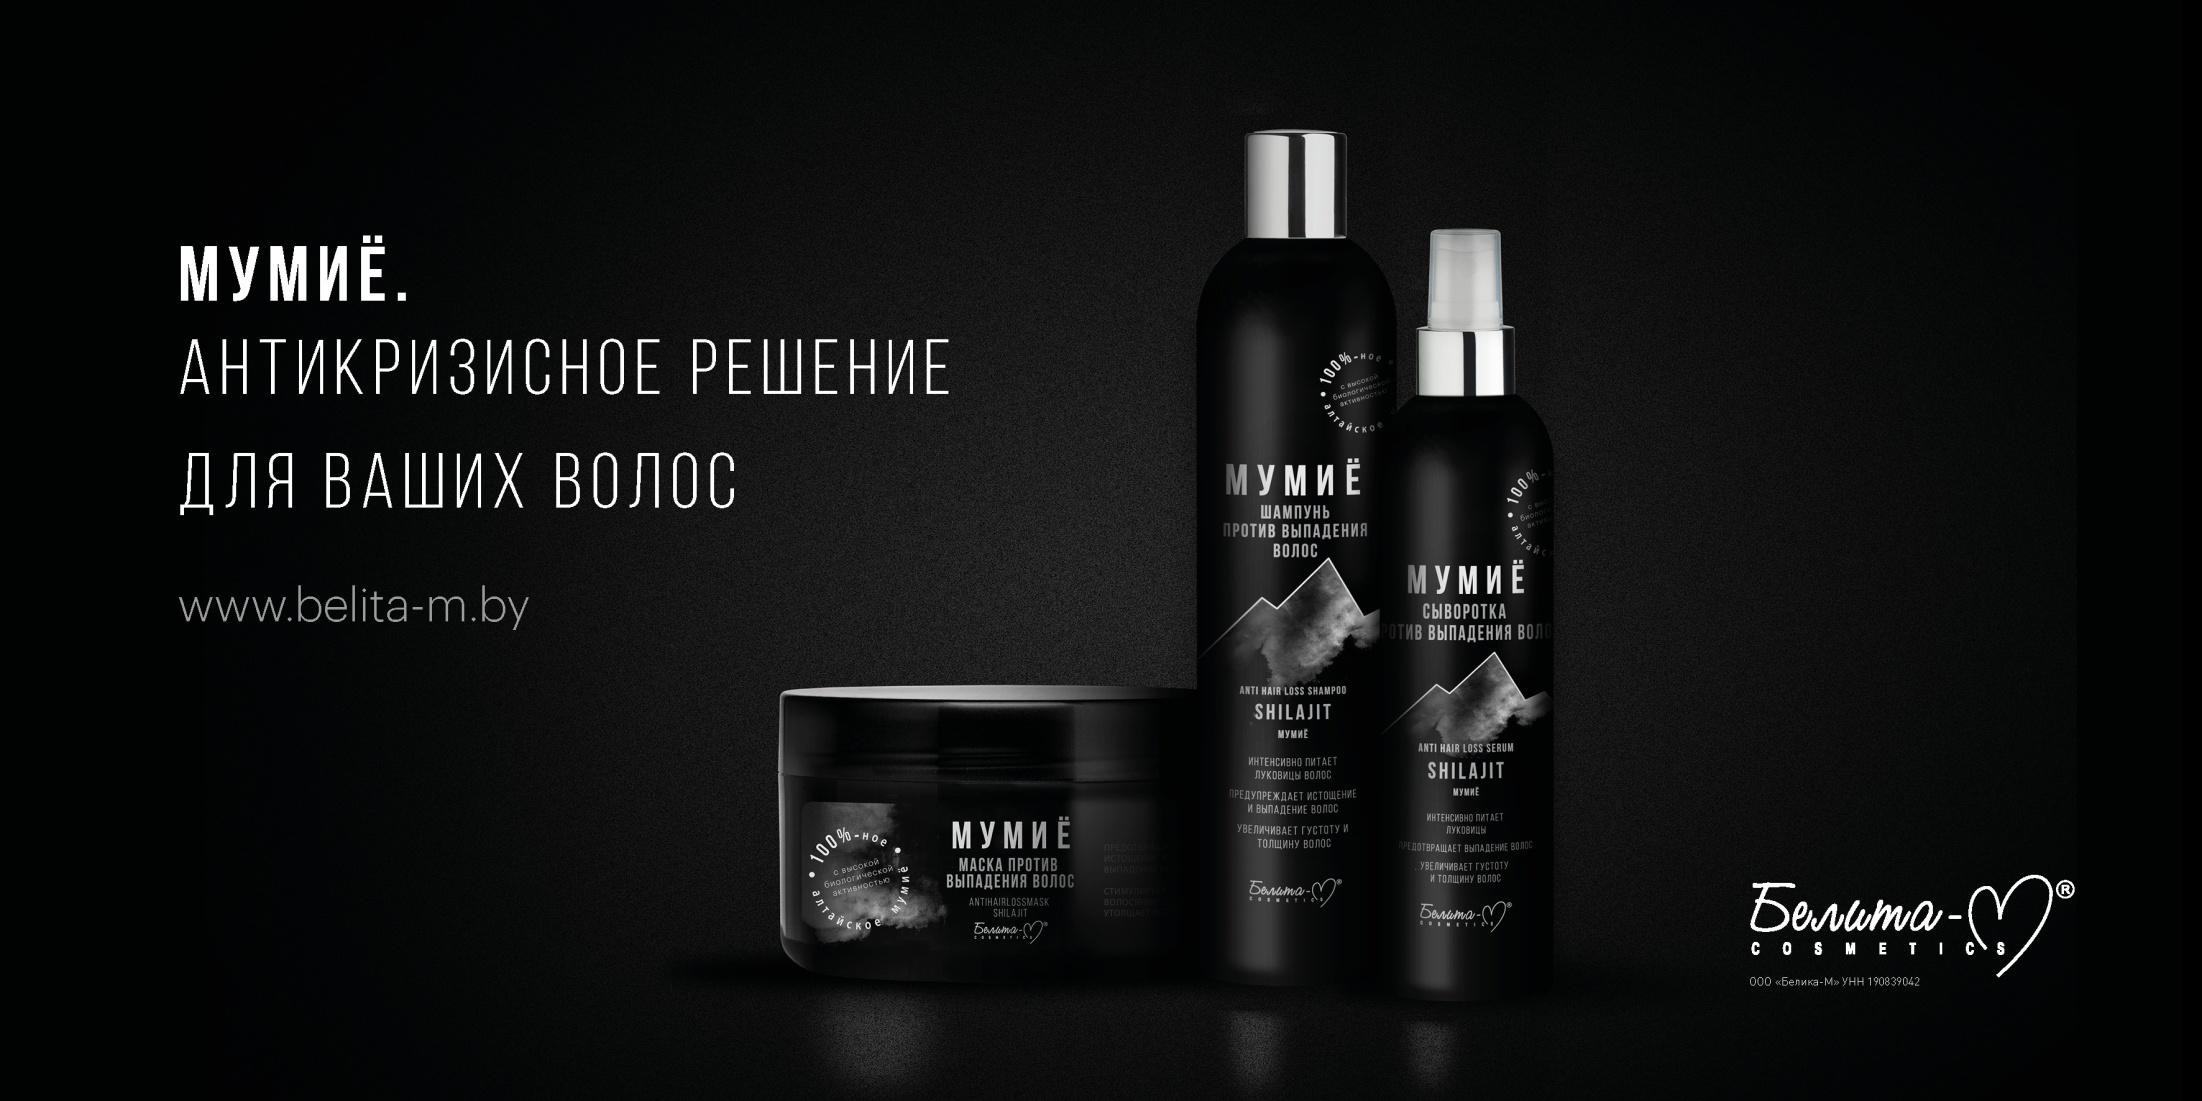 Средства против выпадения волос Мумиё - Белита-М